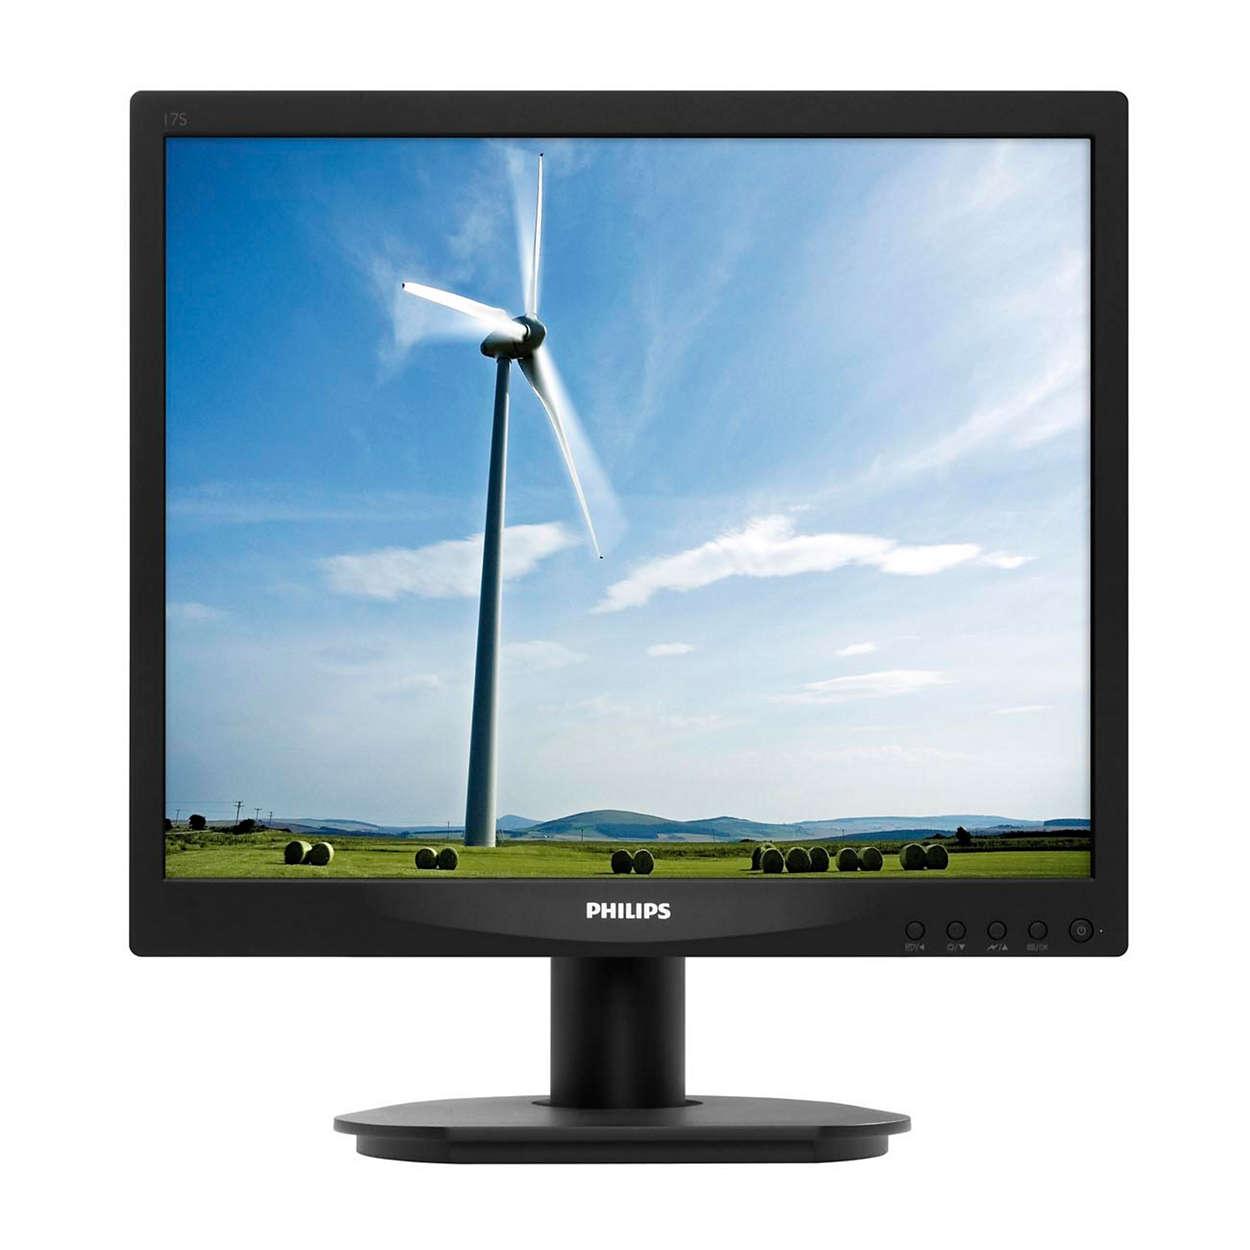 Monitor s mnoštvom značajki